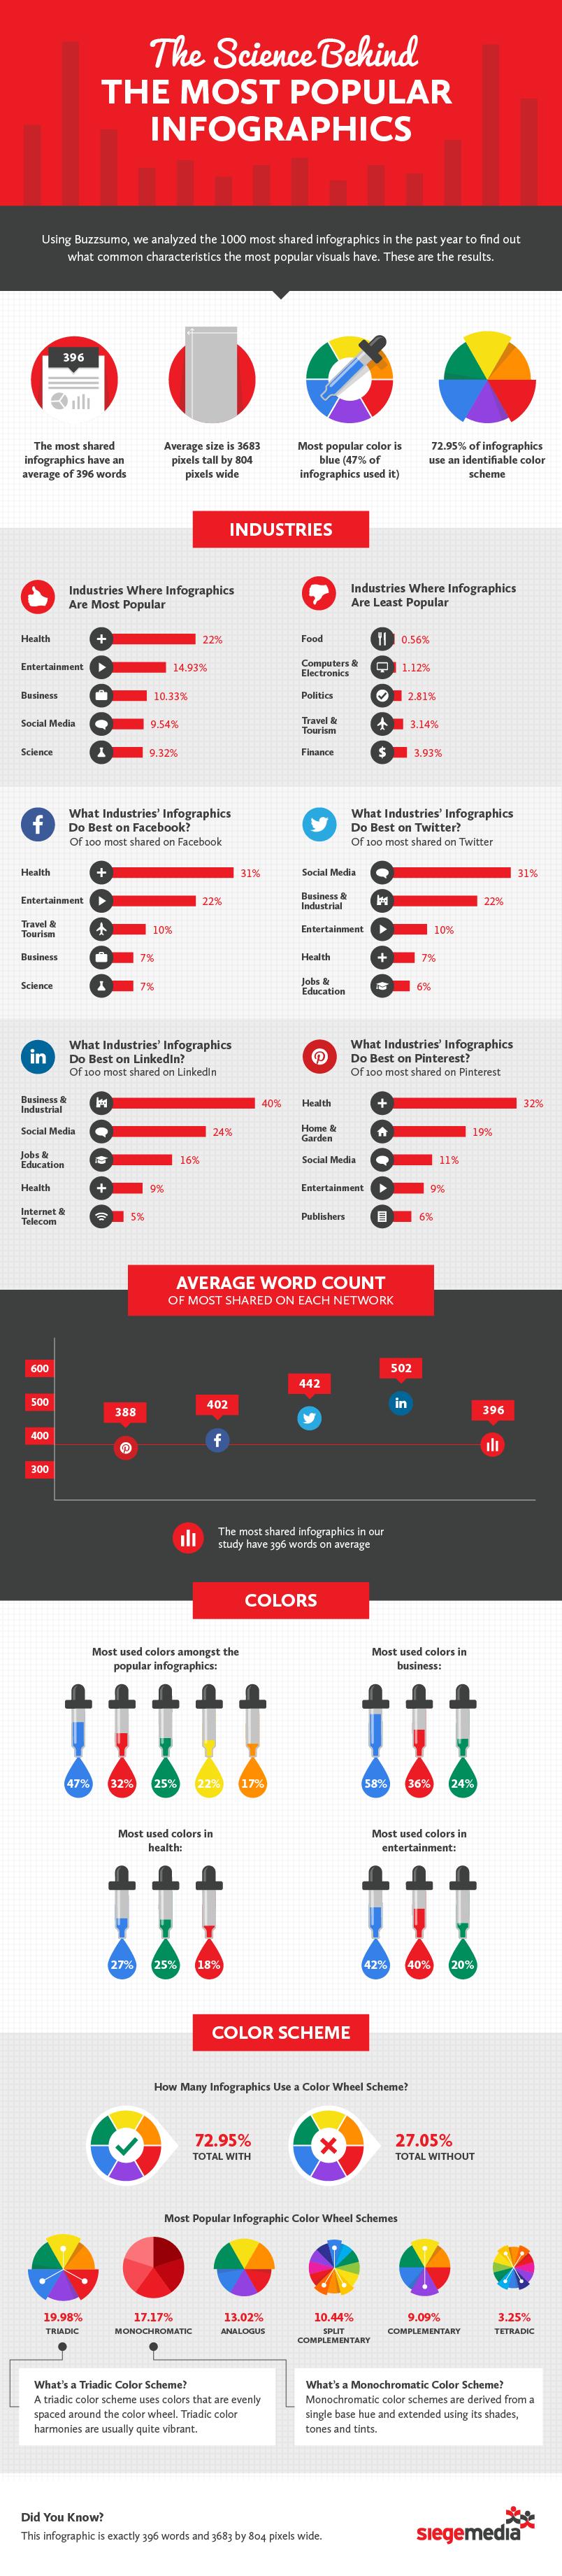 Infografias más compartidas y sus elementos comunes